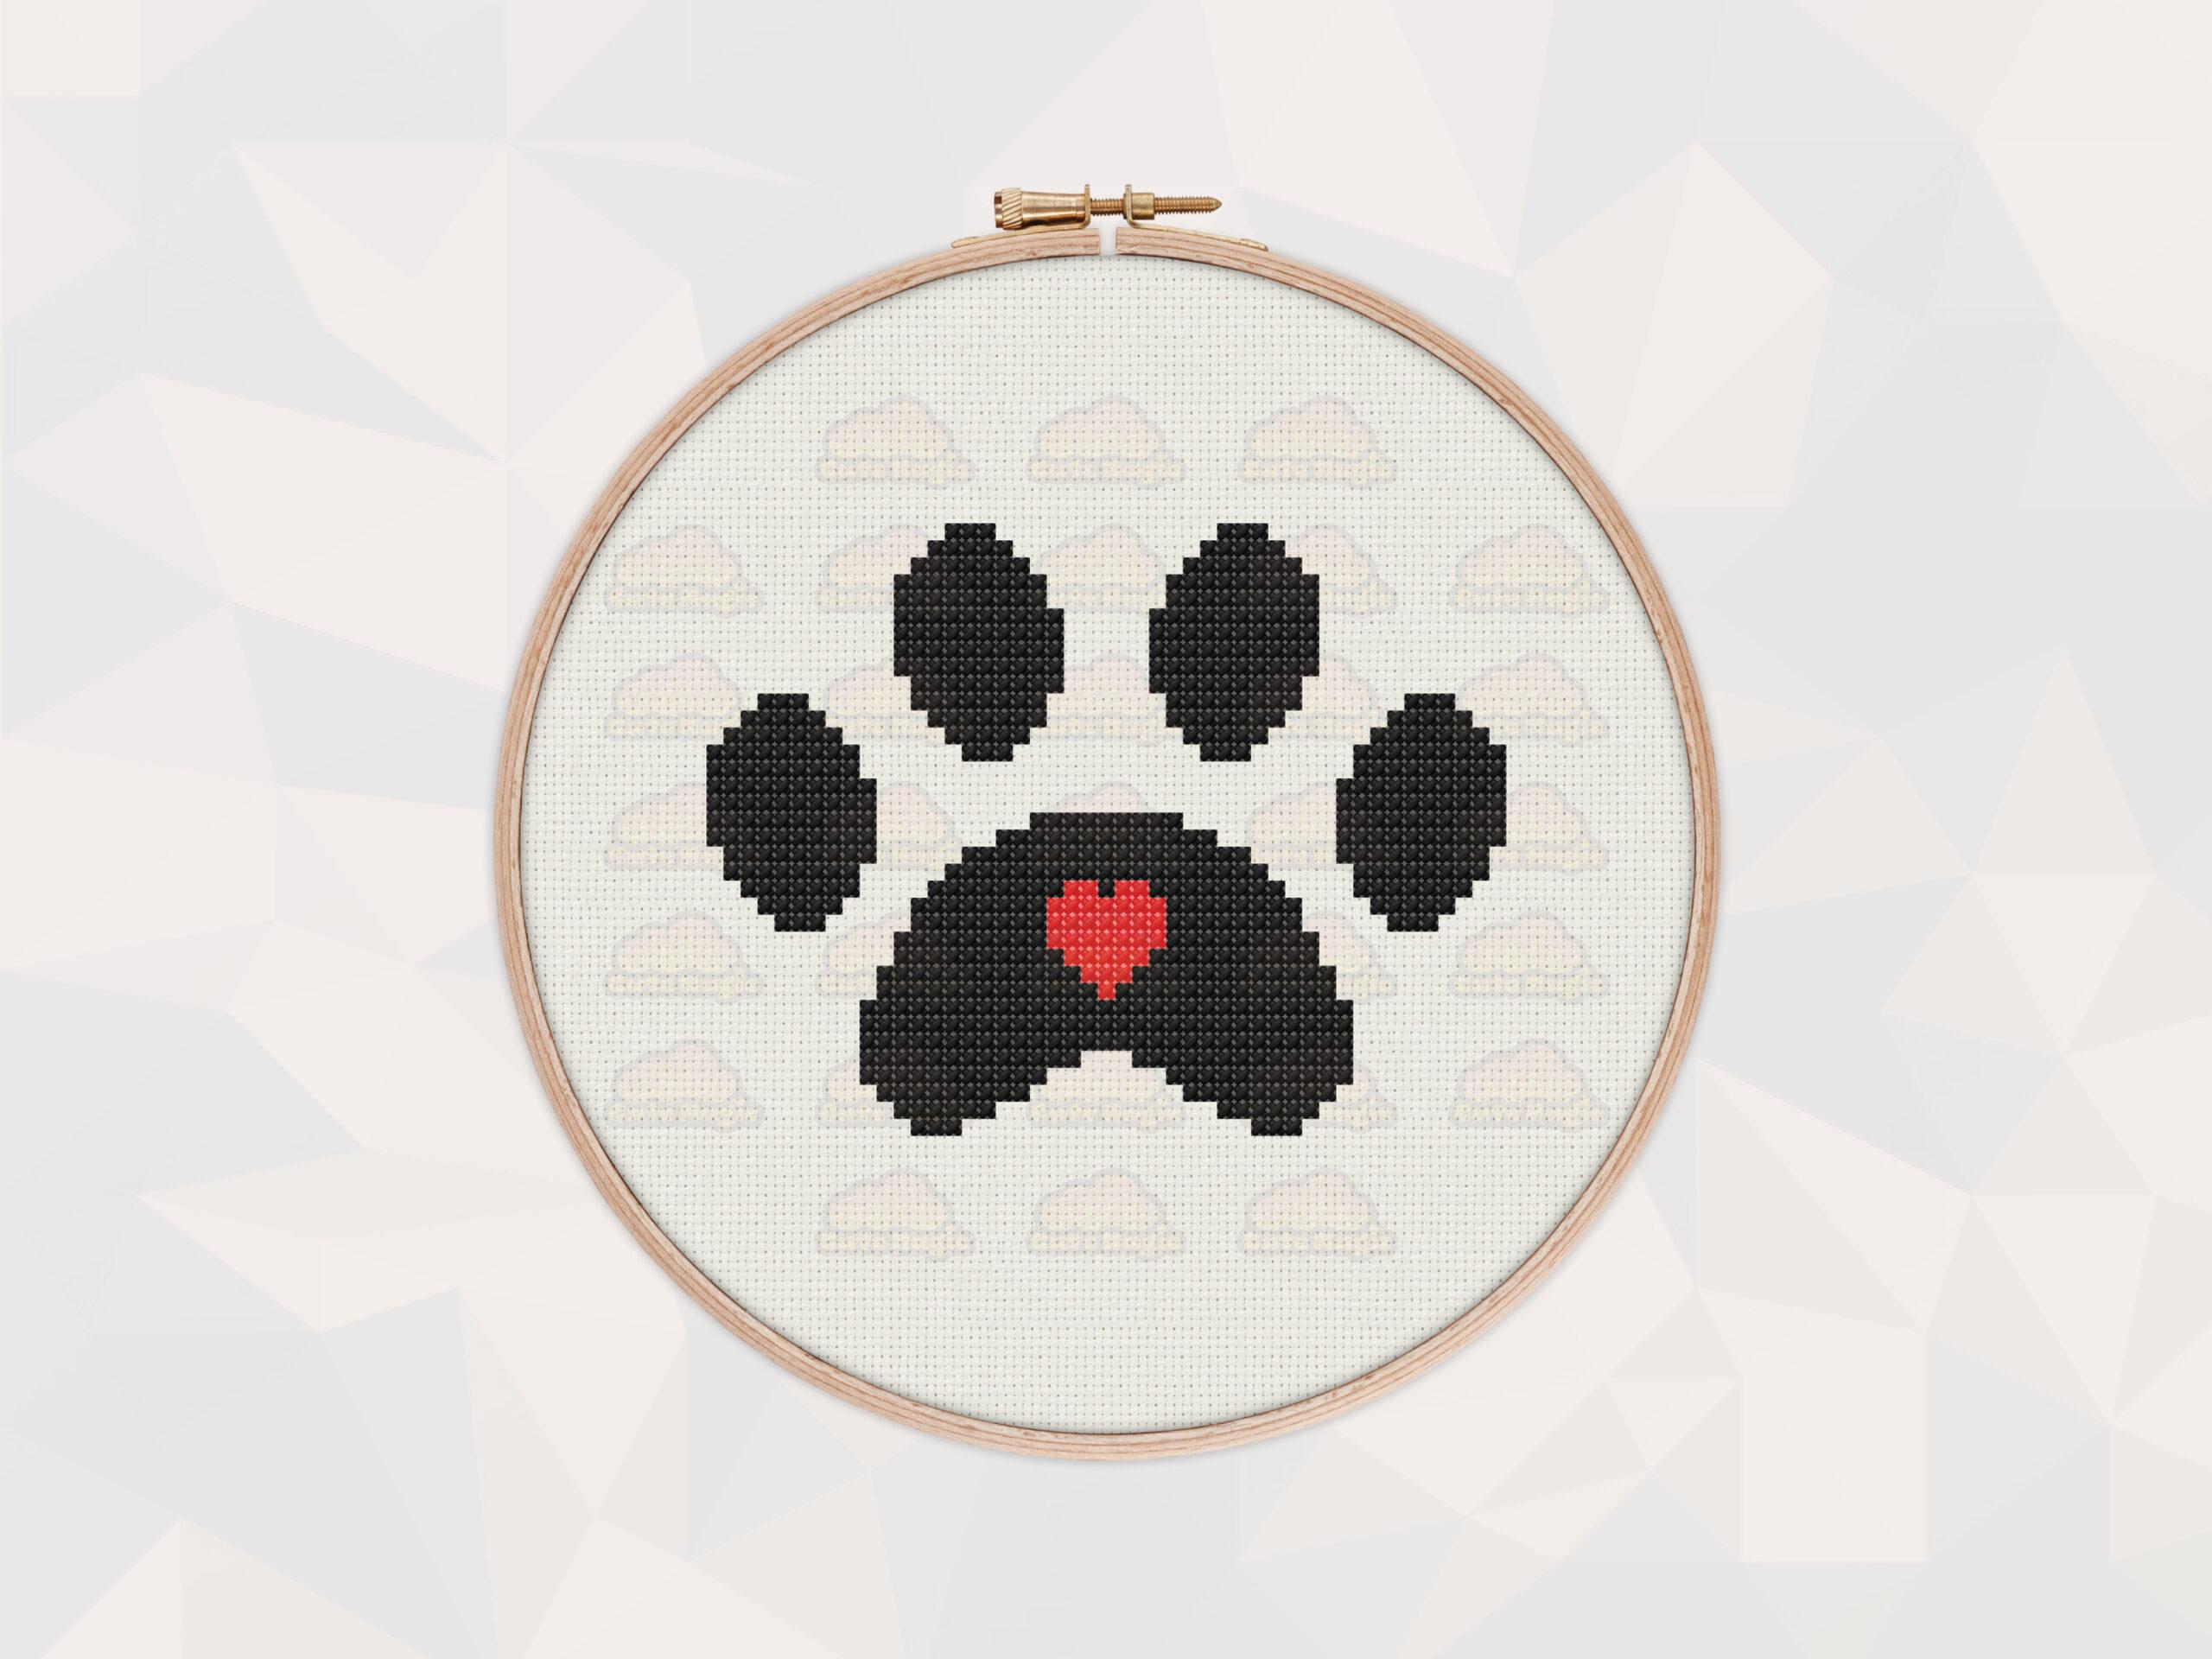 Bear Paw Cross Stitch Pattern